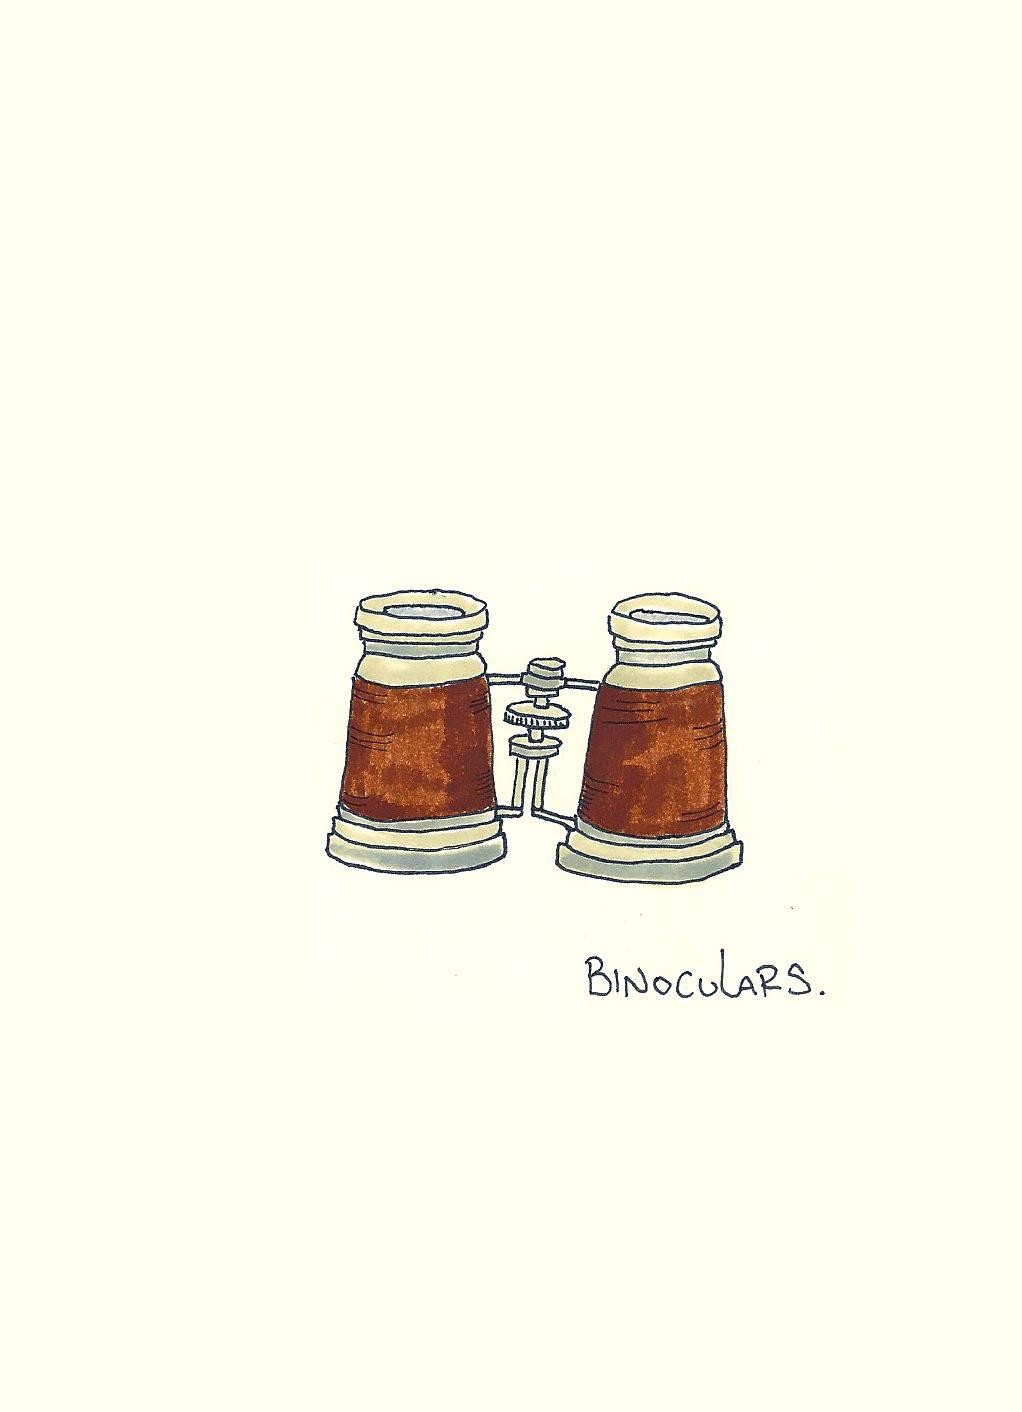 Binoculars. Kathryn Zaremba 2013